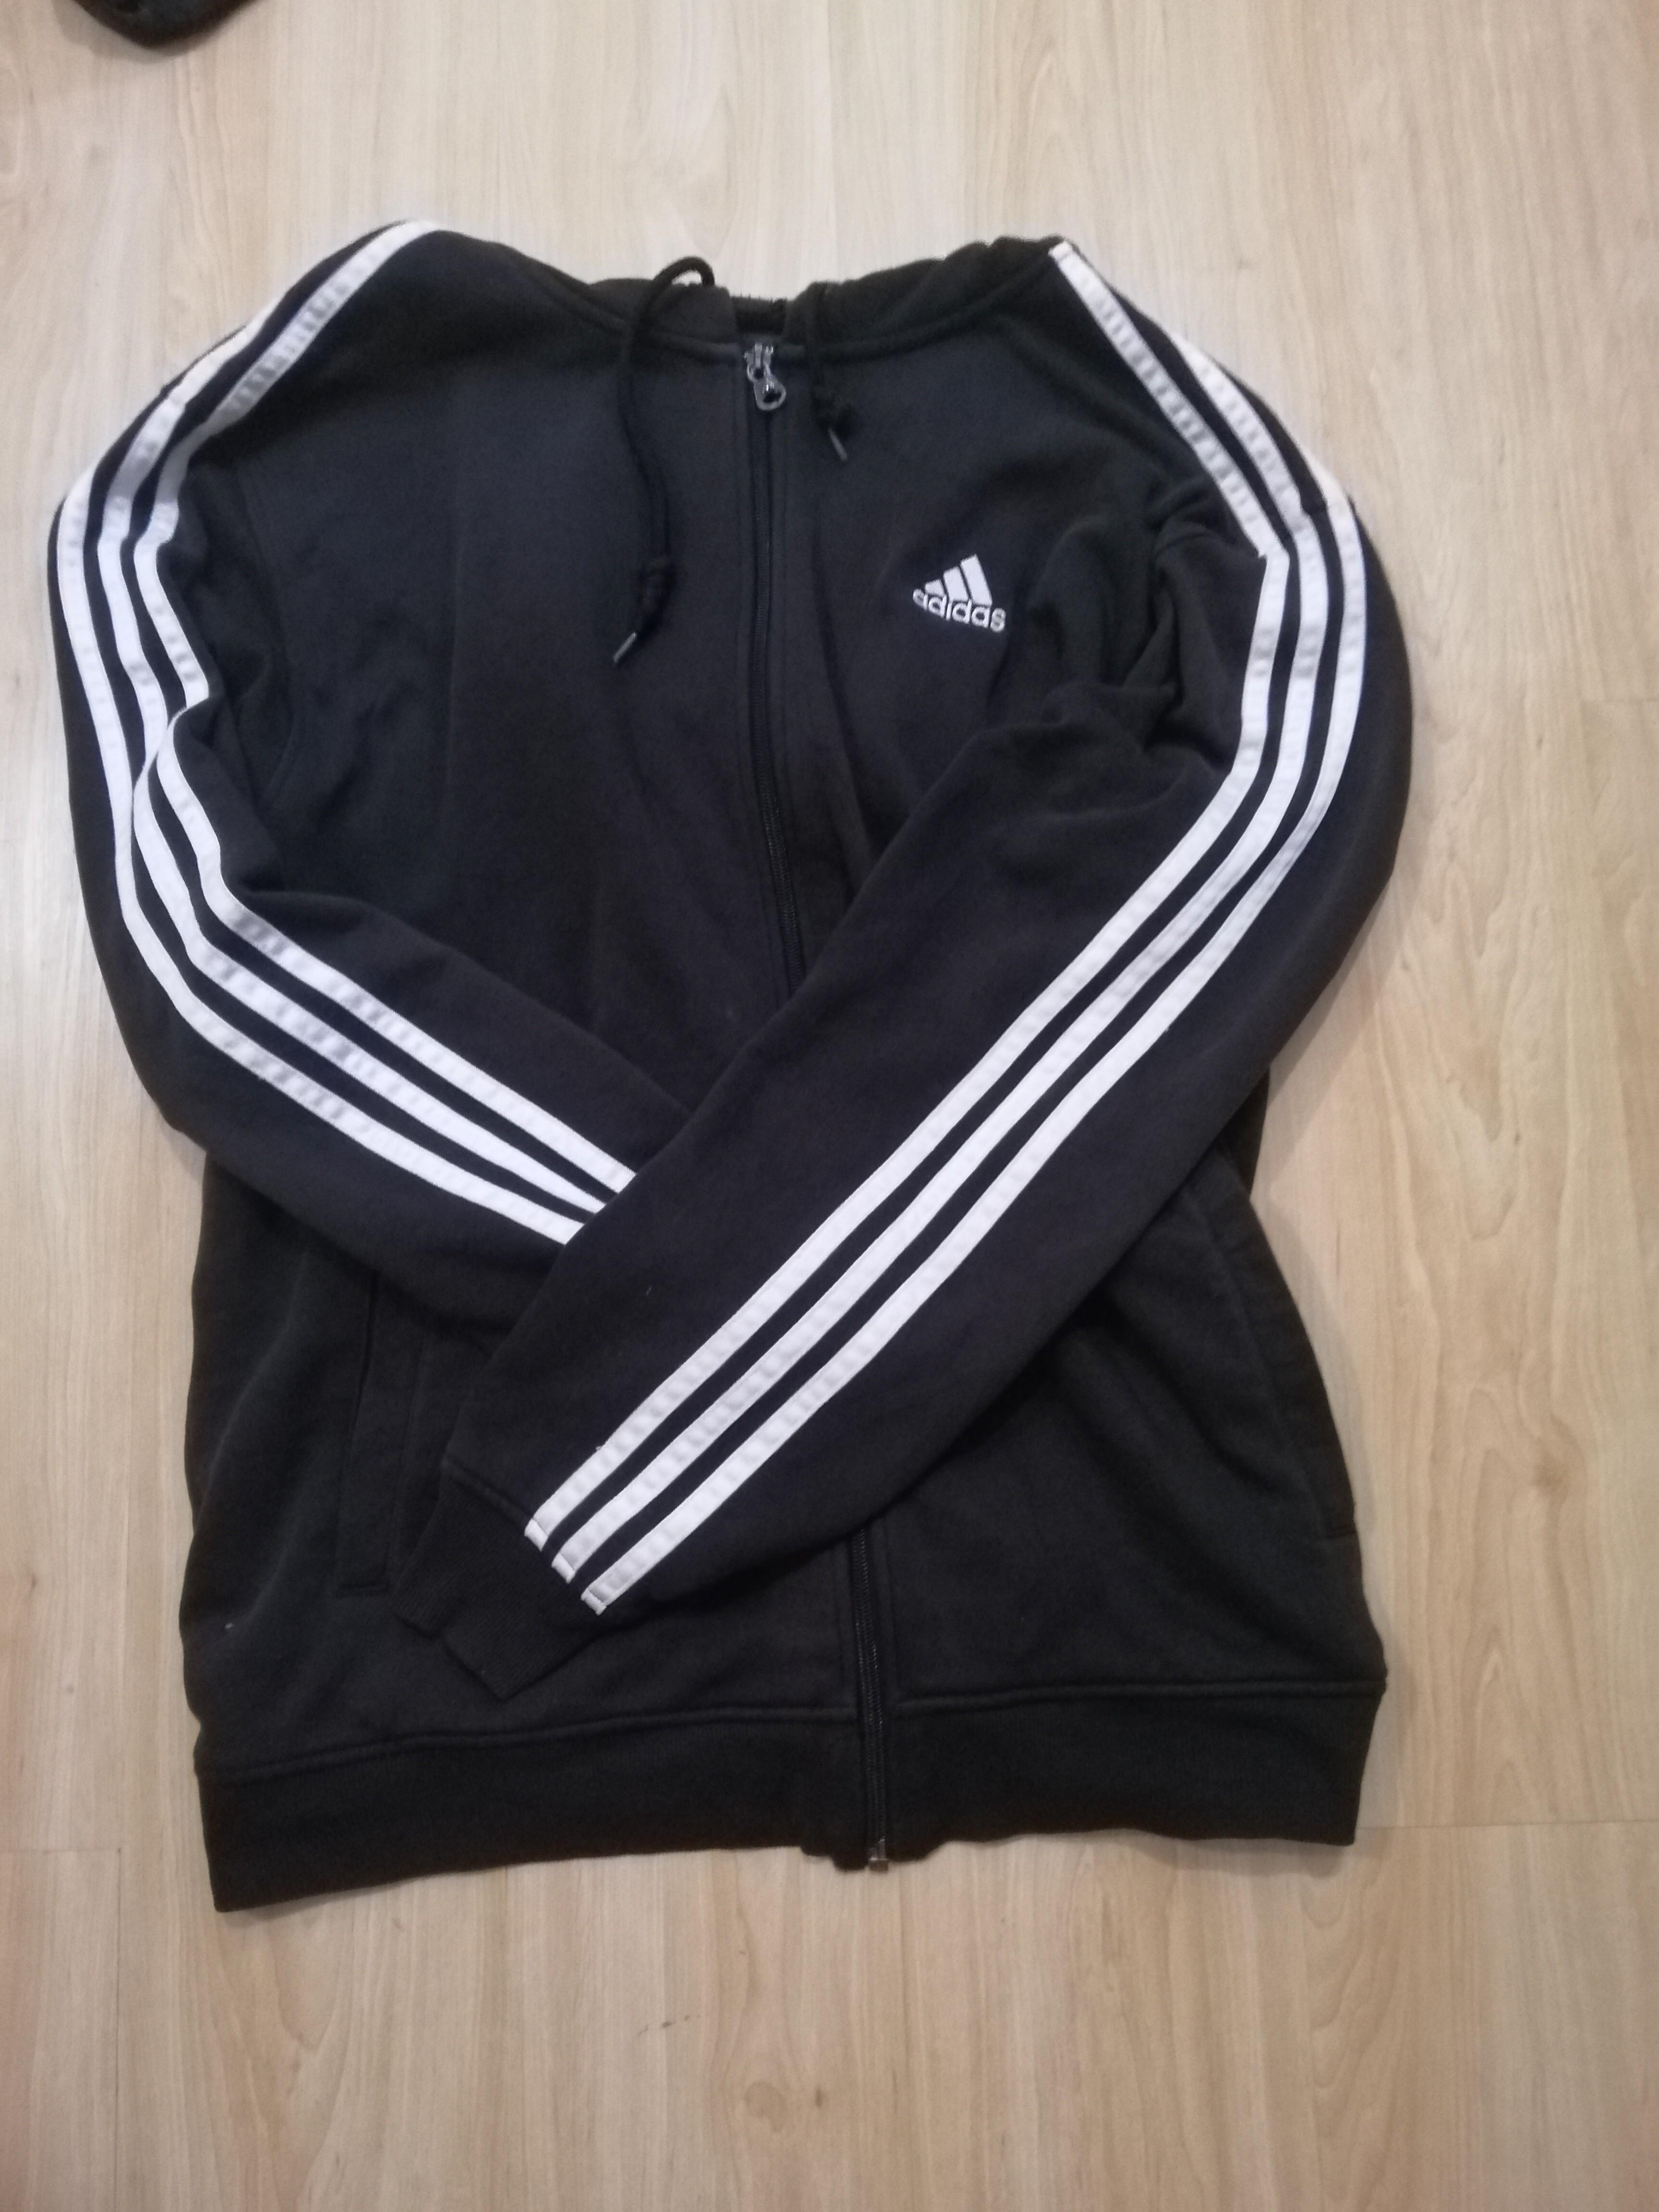 ab1ce1dc95e8 Adidas Track Jacket (Authentic   Original) REPRICED